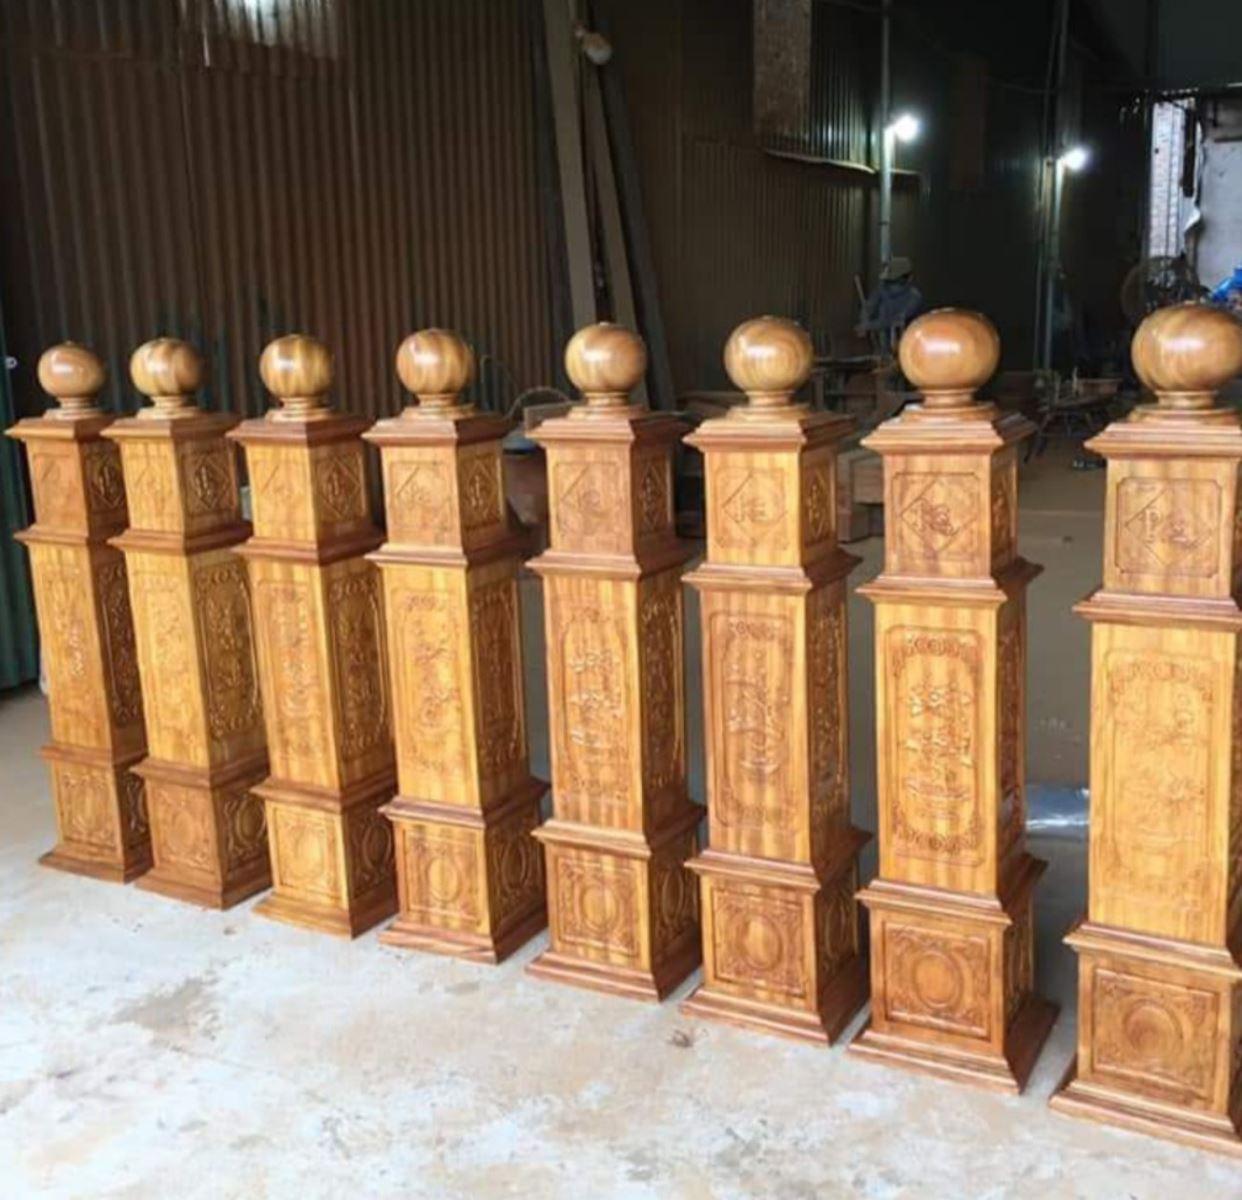 Trụ cầu thang gỗ